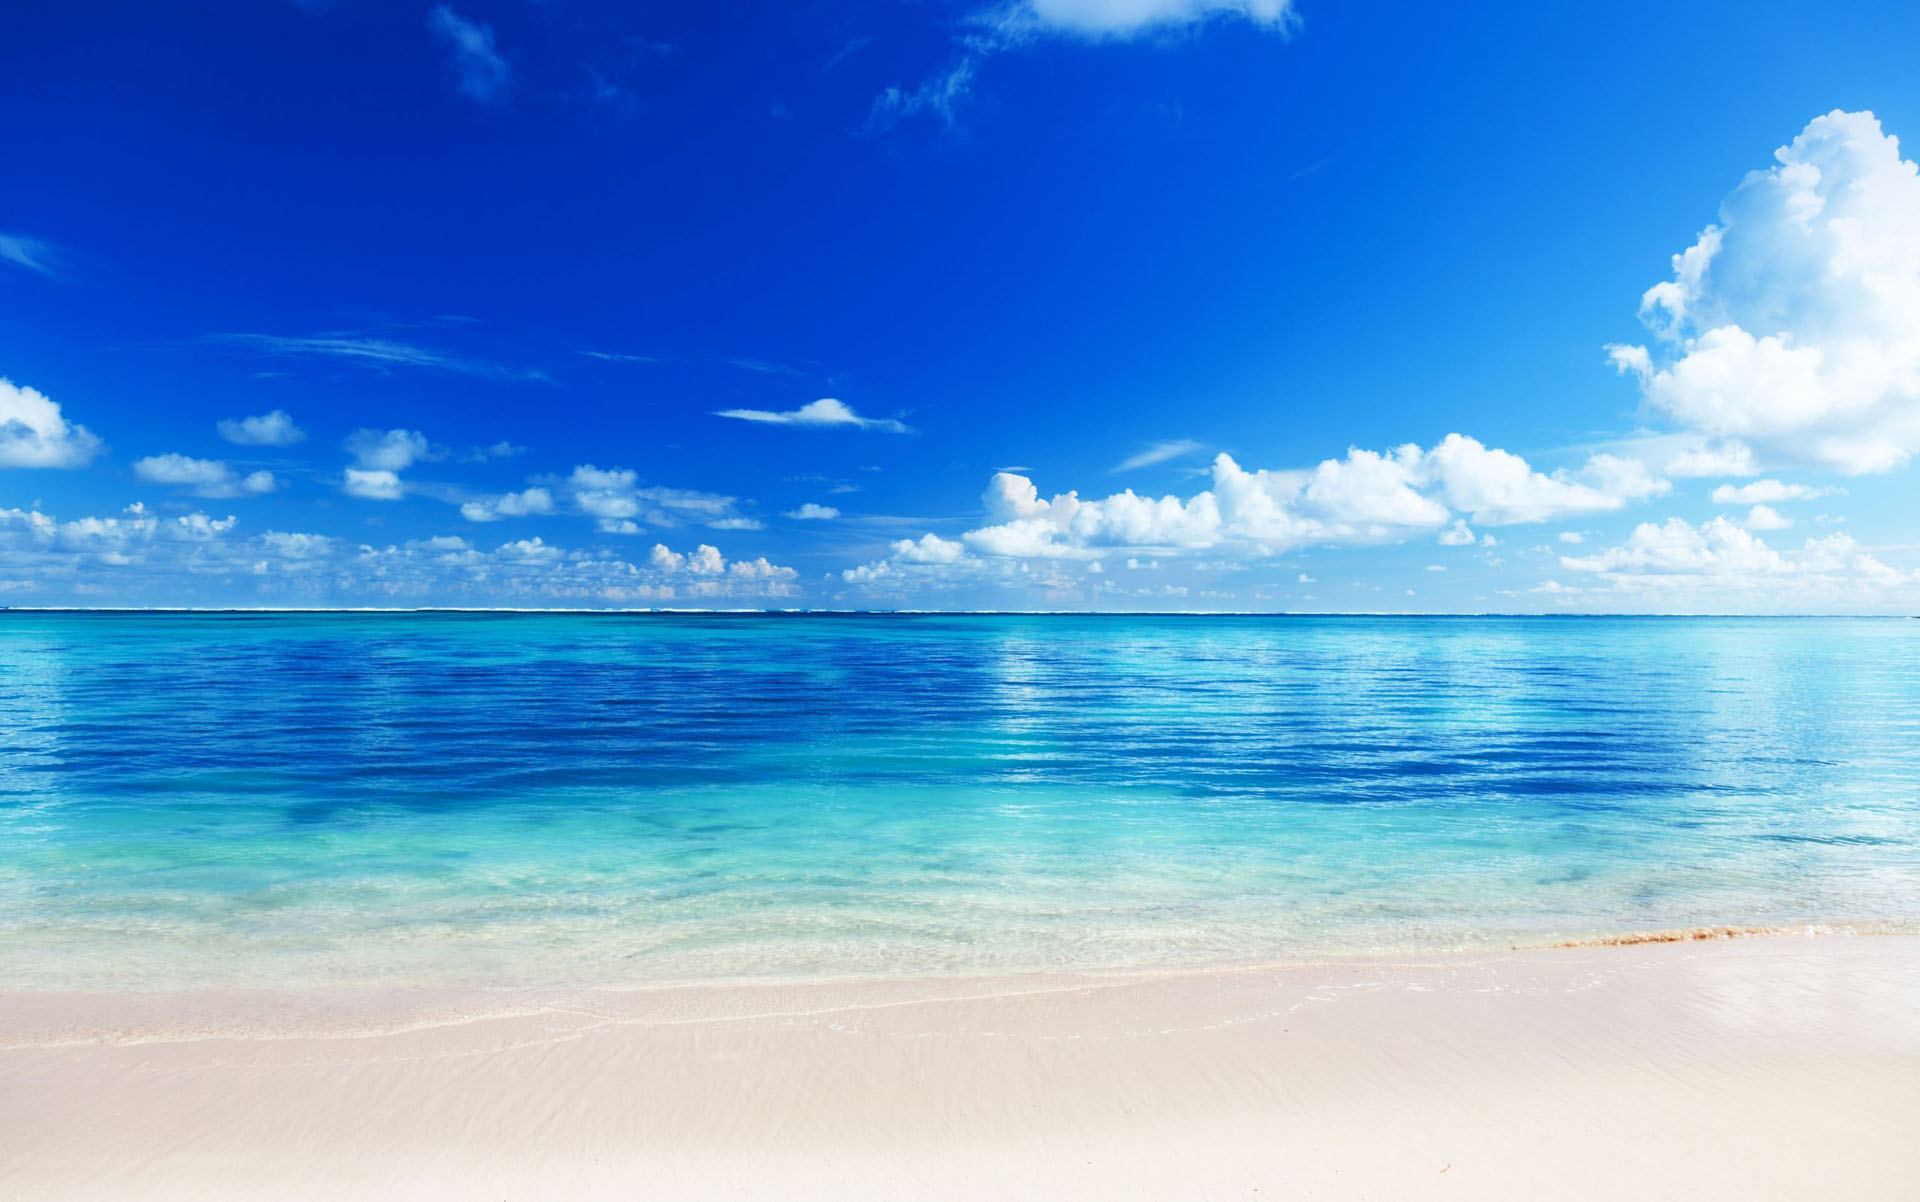 صور بحر خلفيات البحار والمياة بجودة HD (13)